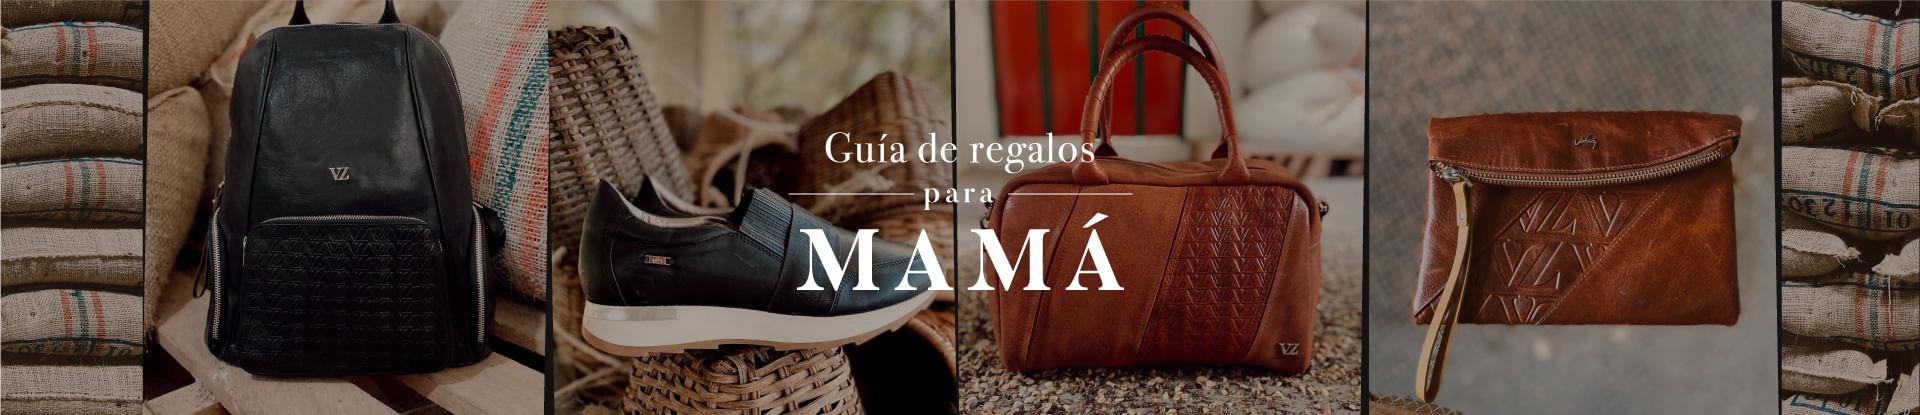 Guía de regalos para madres- Encuentra el detalle perfecto para mamá